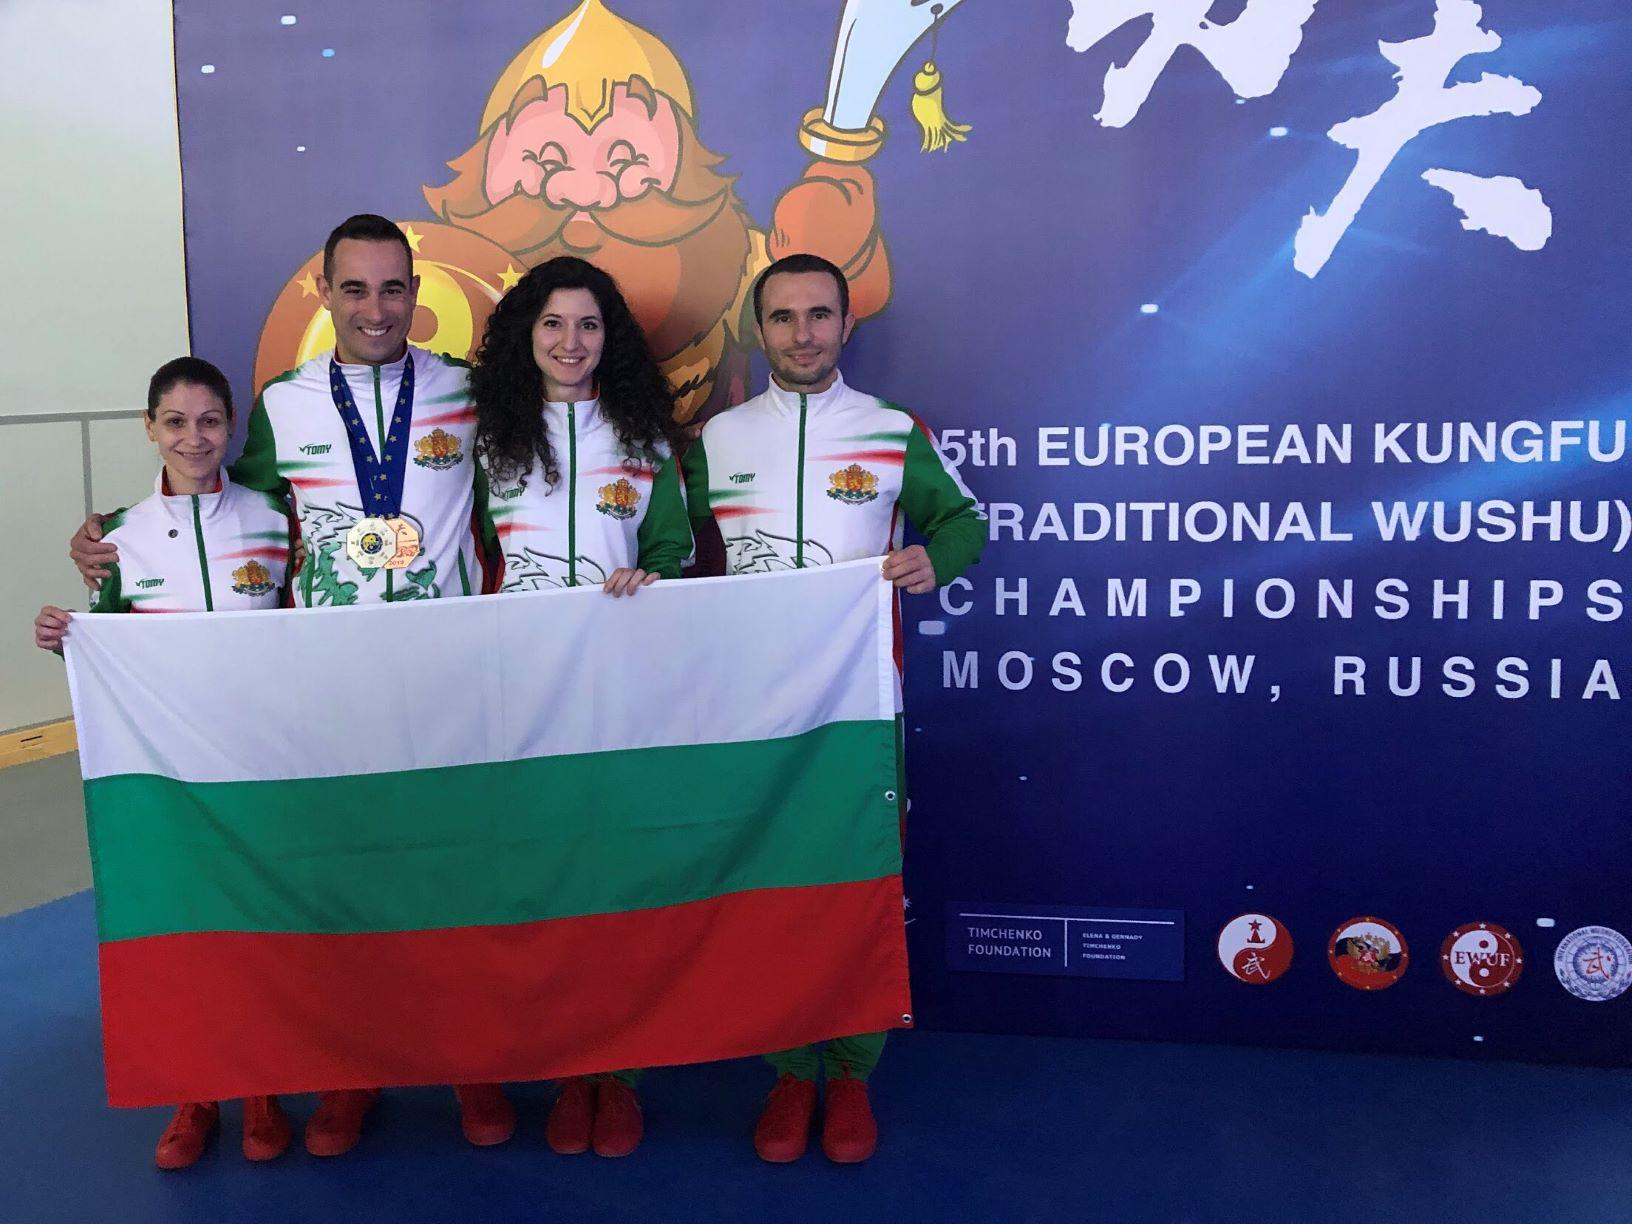 България с два медала от Европейското първенство по кунг фу